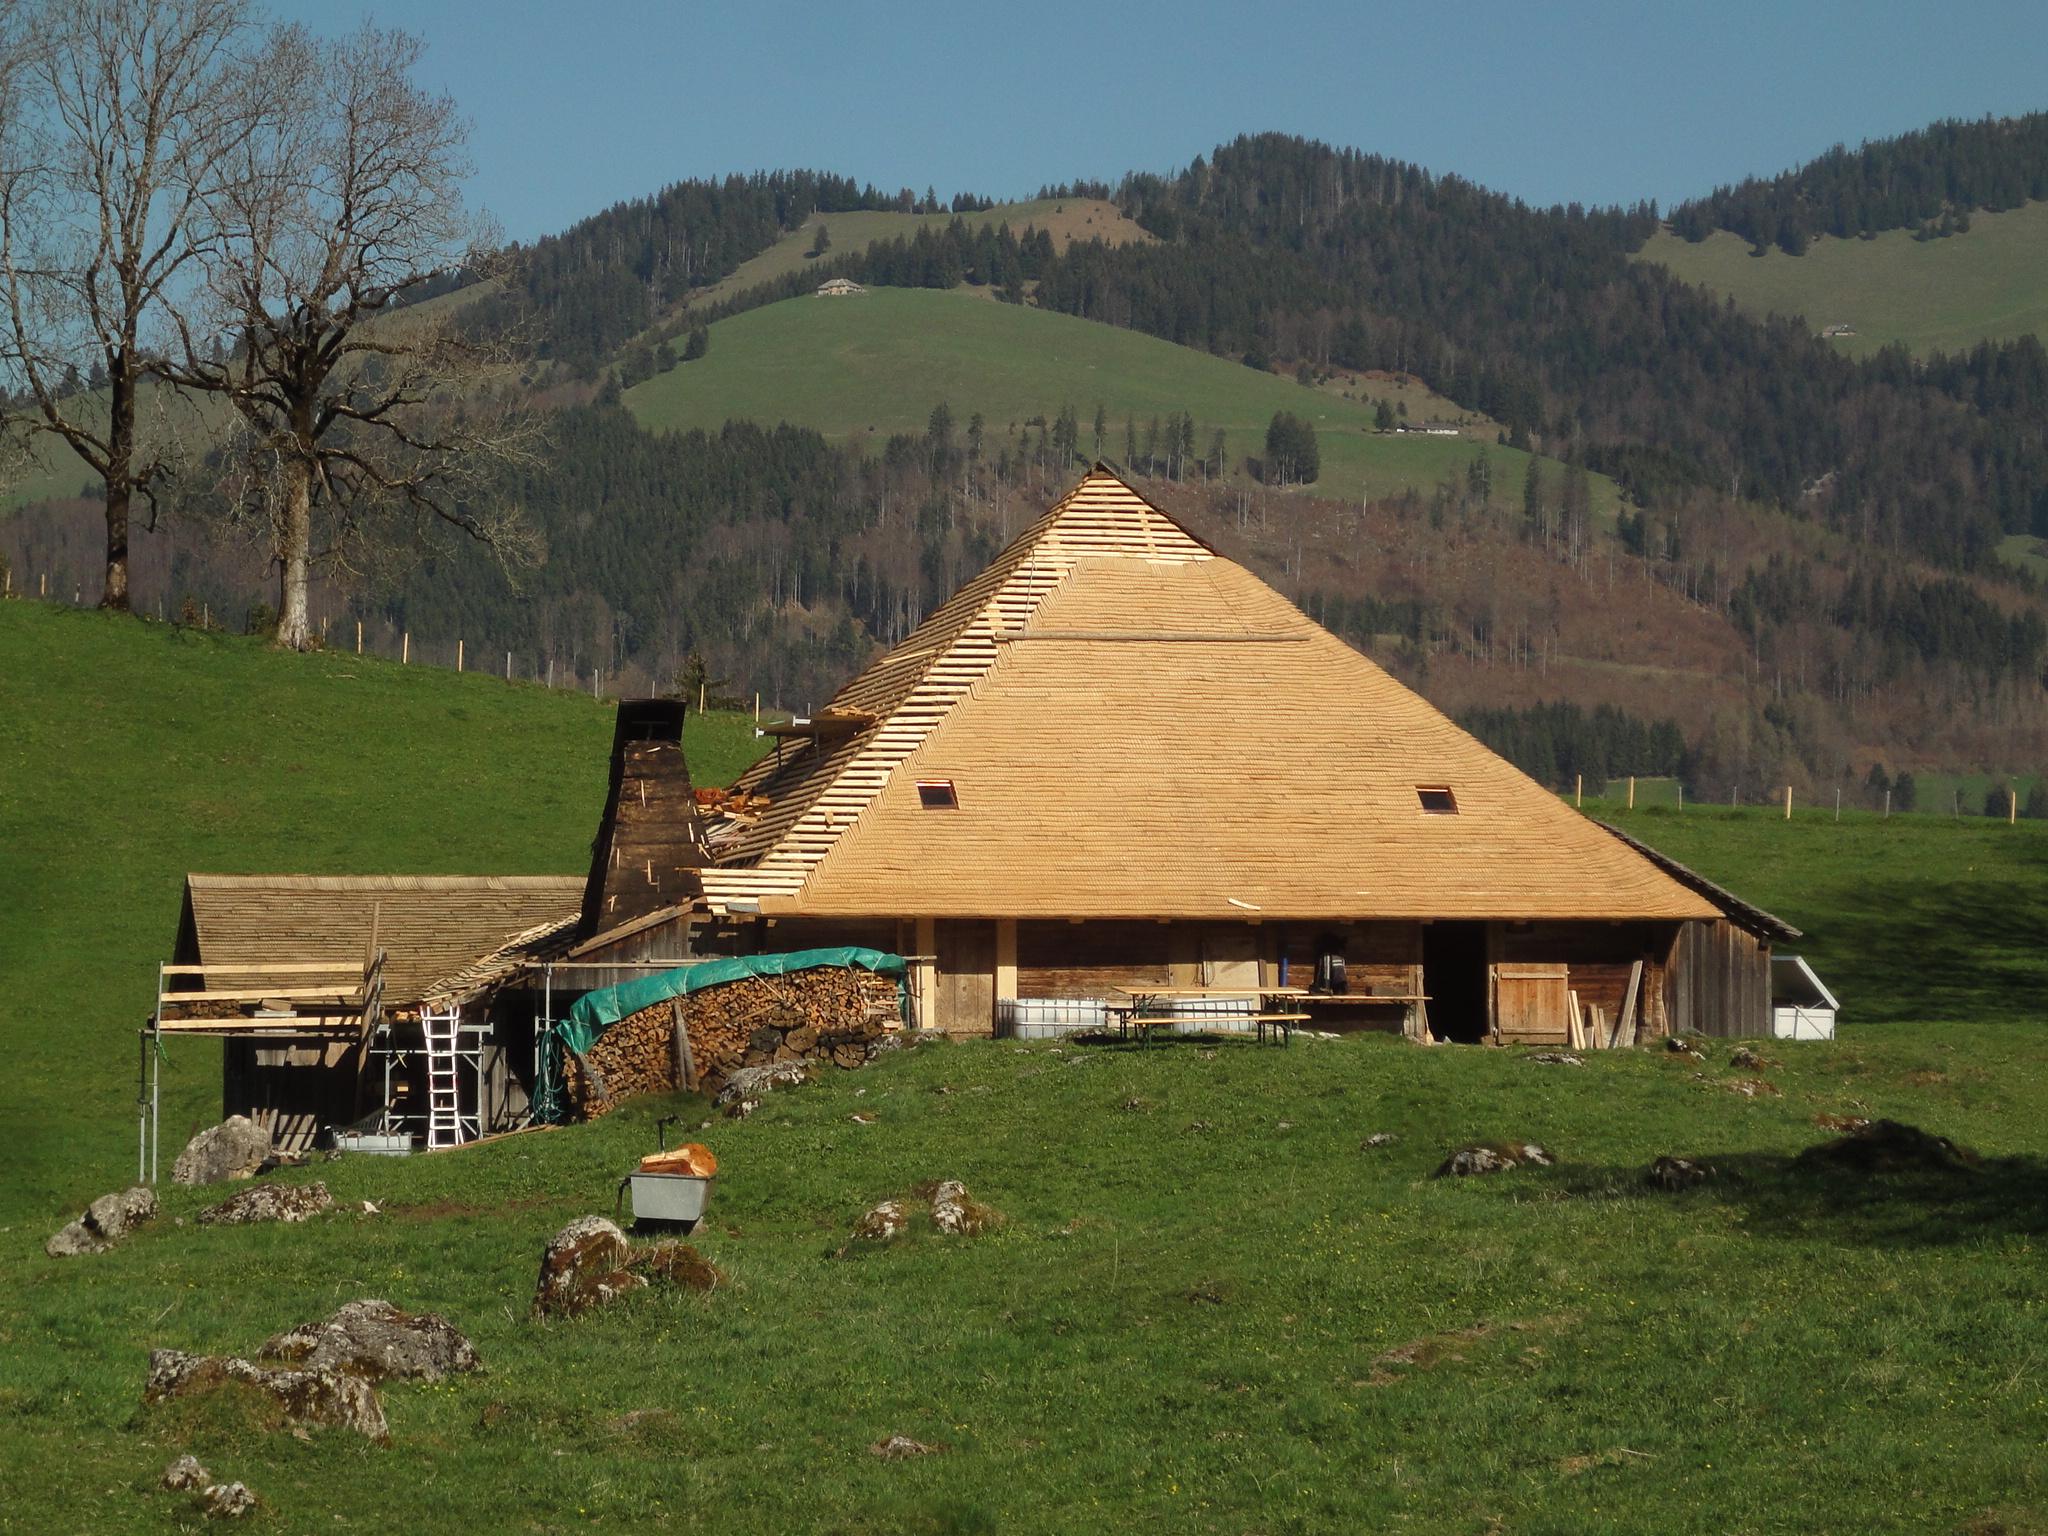 Chalet d'alpage: Erneutes Schindeldach